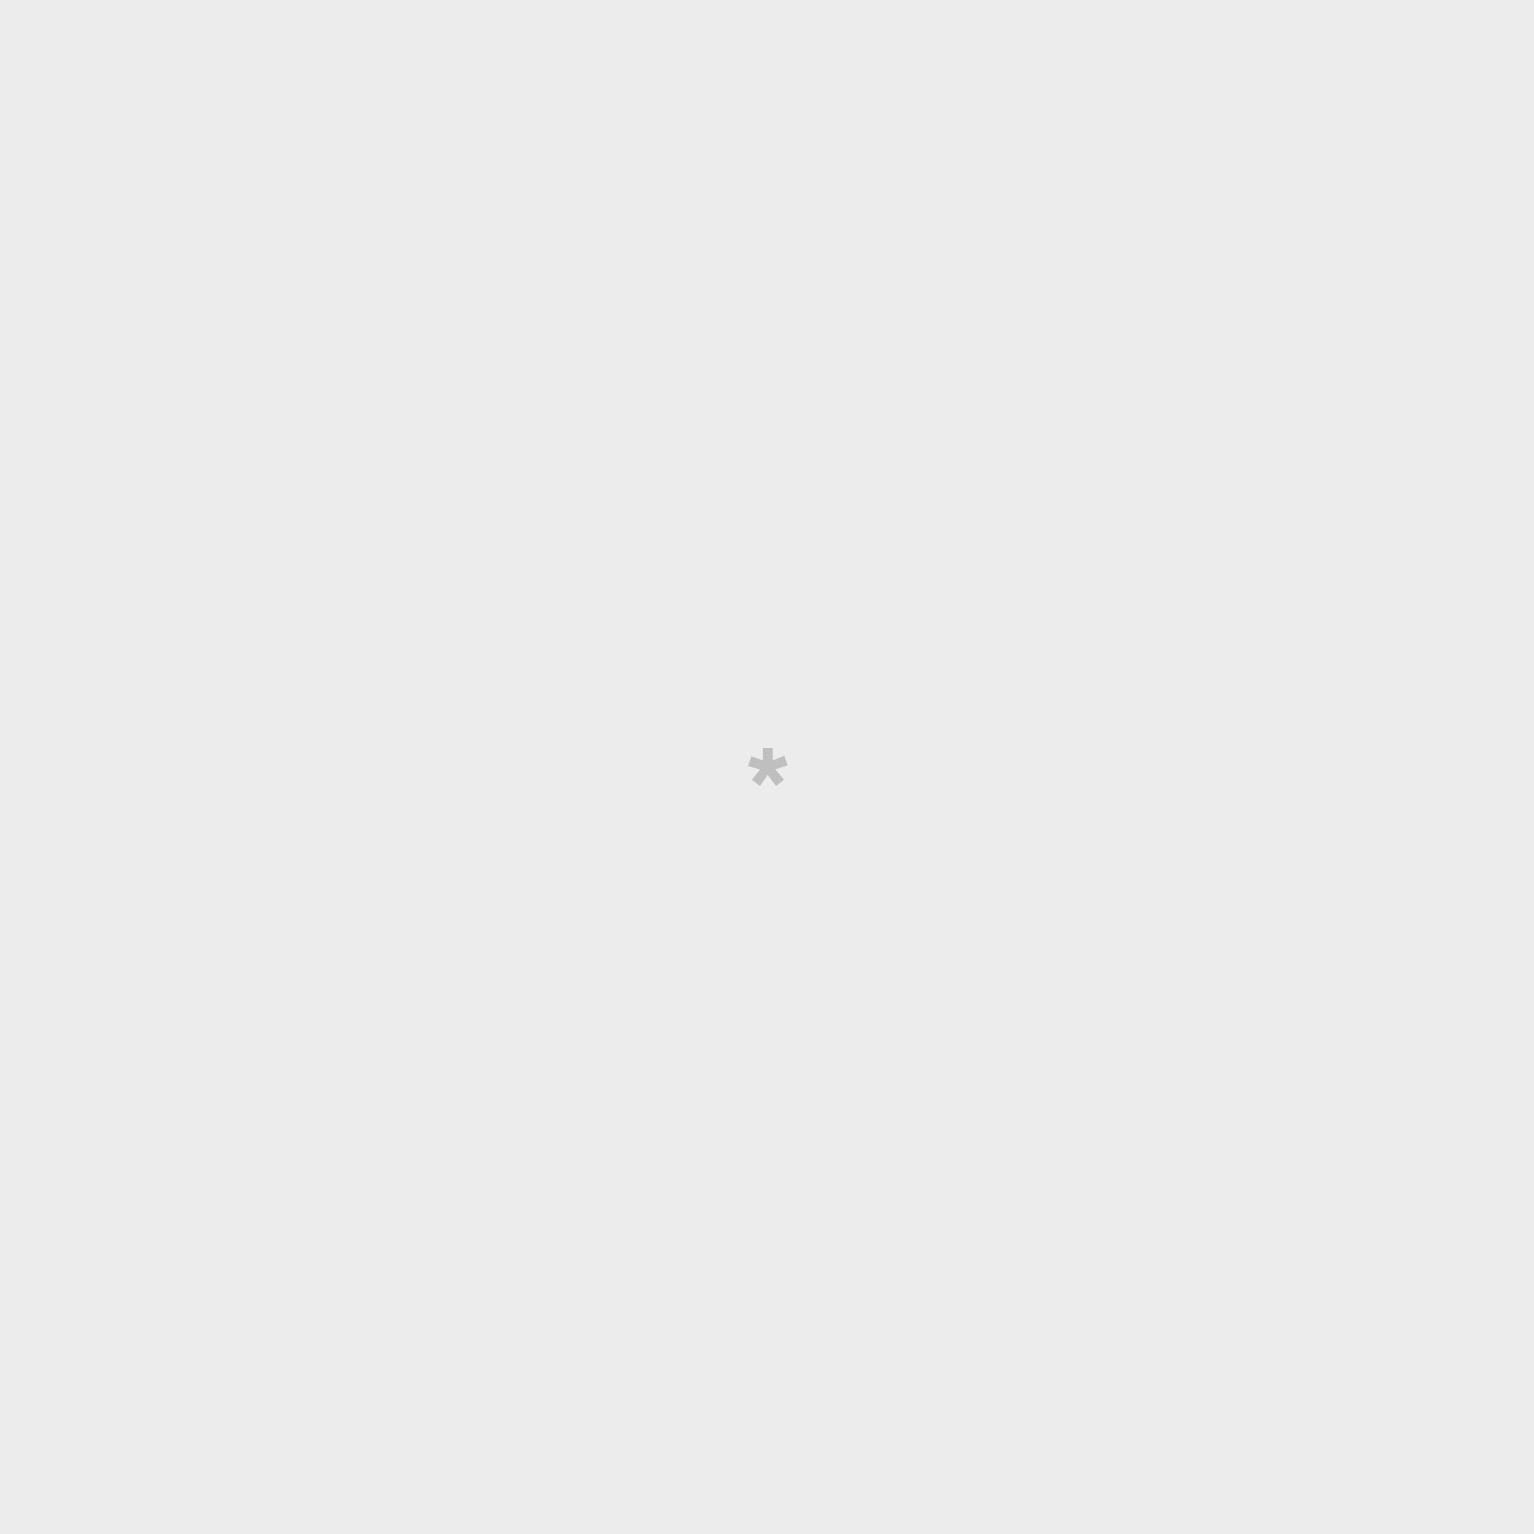 Kit avec crayon et taille-crayon - Milkshake